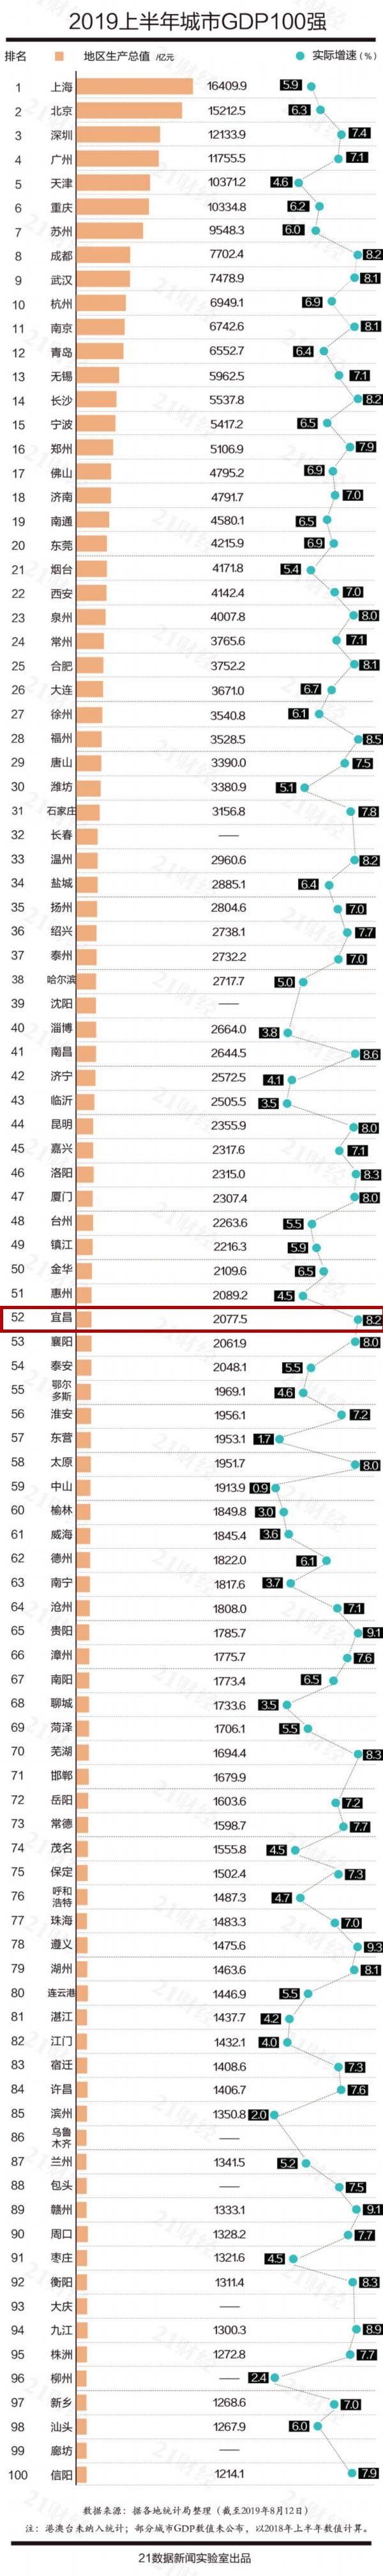 最新!上半年城市GDP百强榜公布!宜昌排名52!